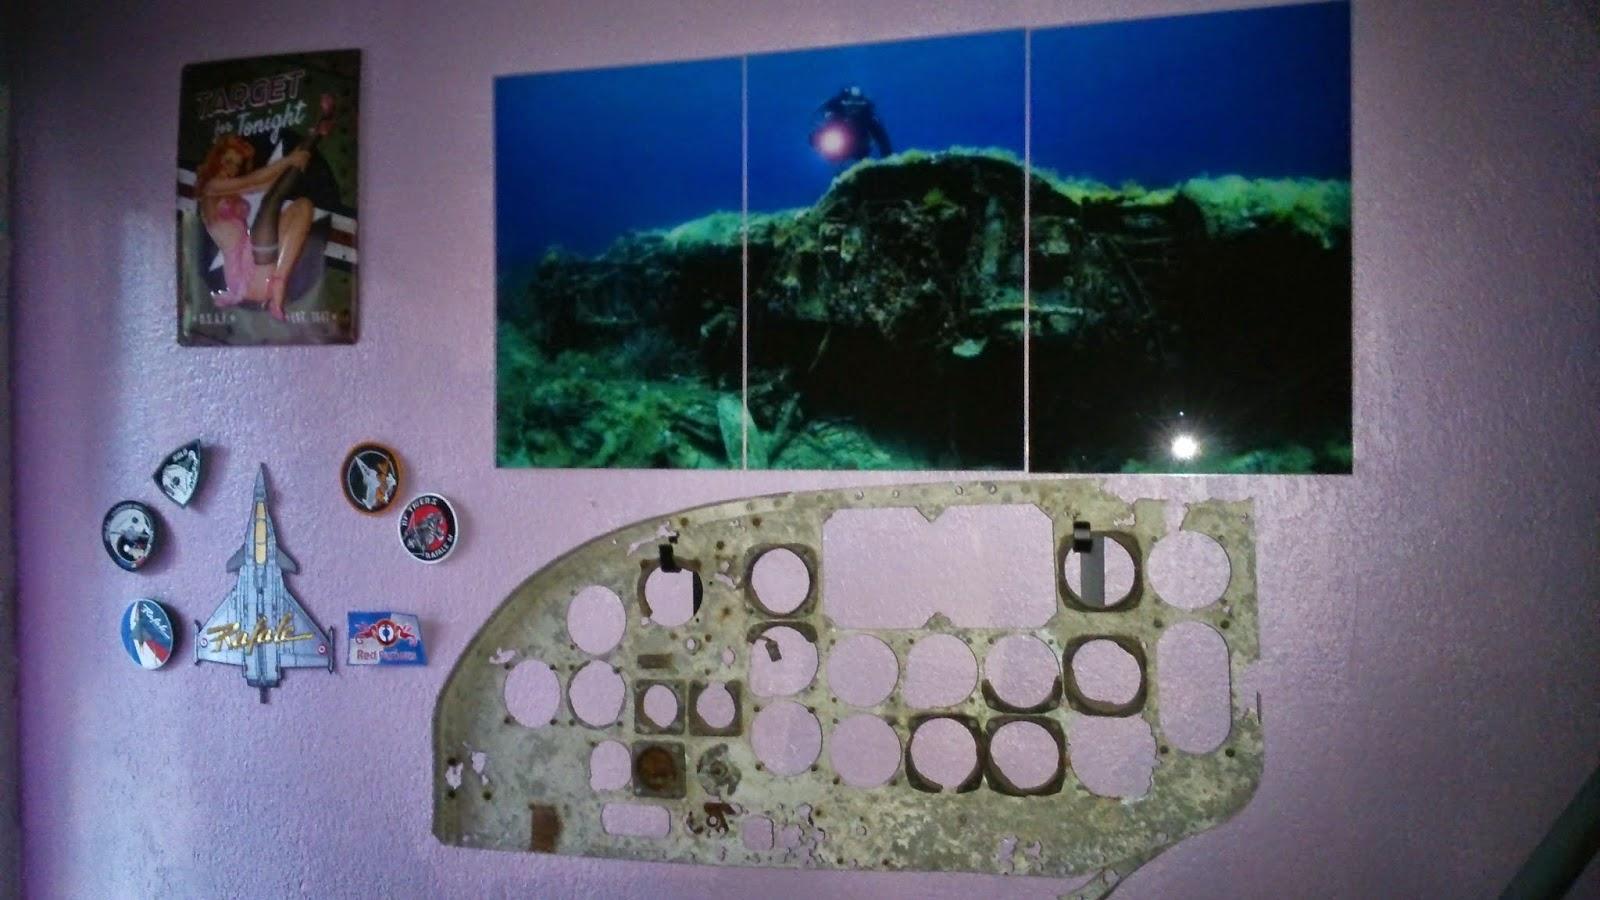 my homebuilt cockpit mon tableau de bord b26 marauder de l 39 pave de m ria dont je suis l 39 inventeur. Black Bedroom Furniture Sets. Home Design Ideas